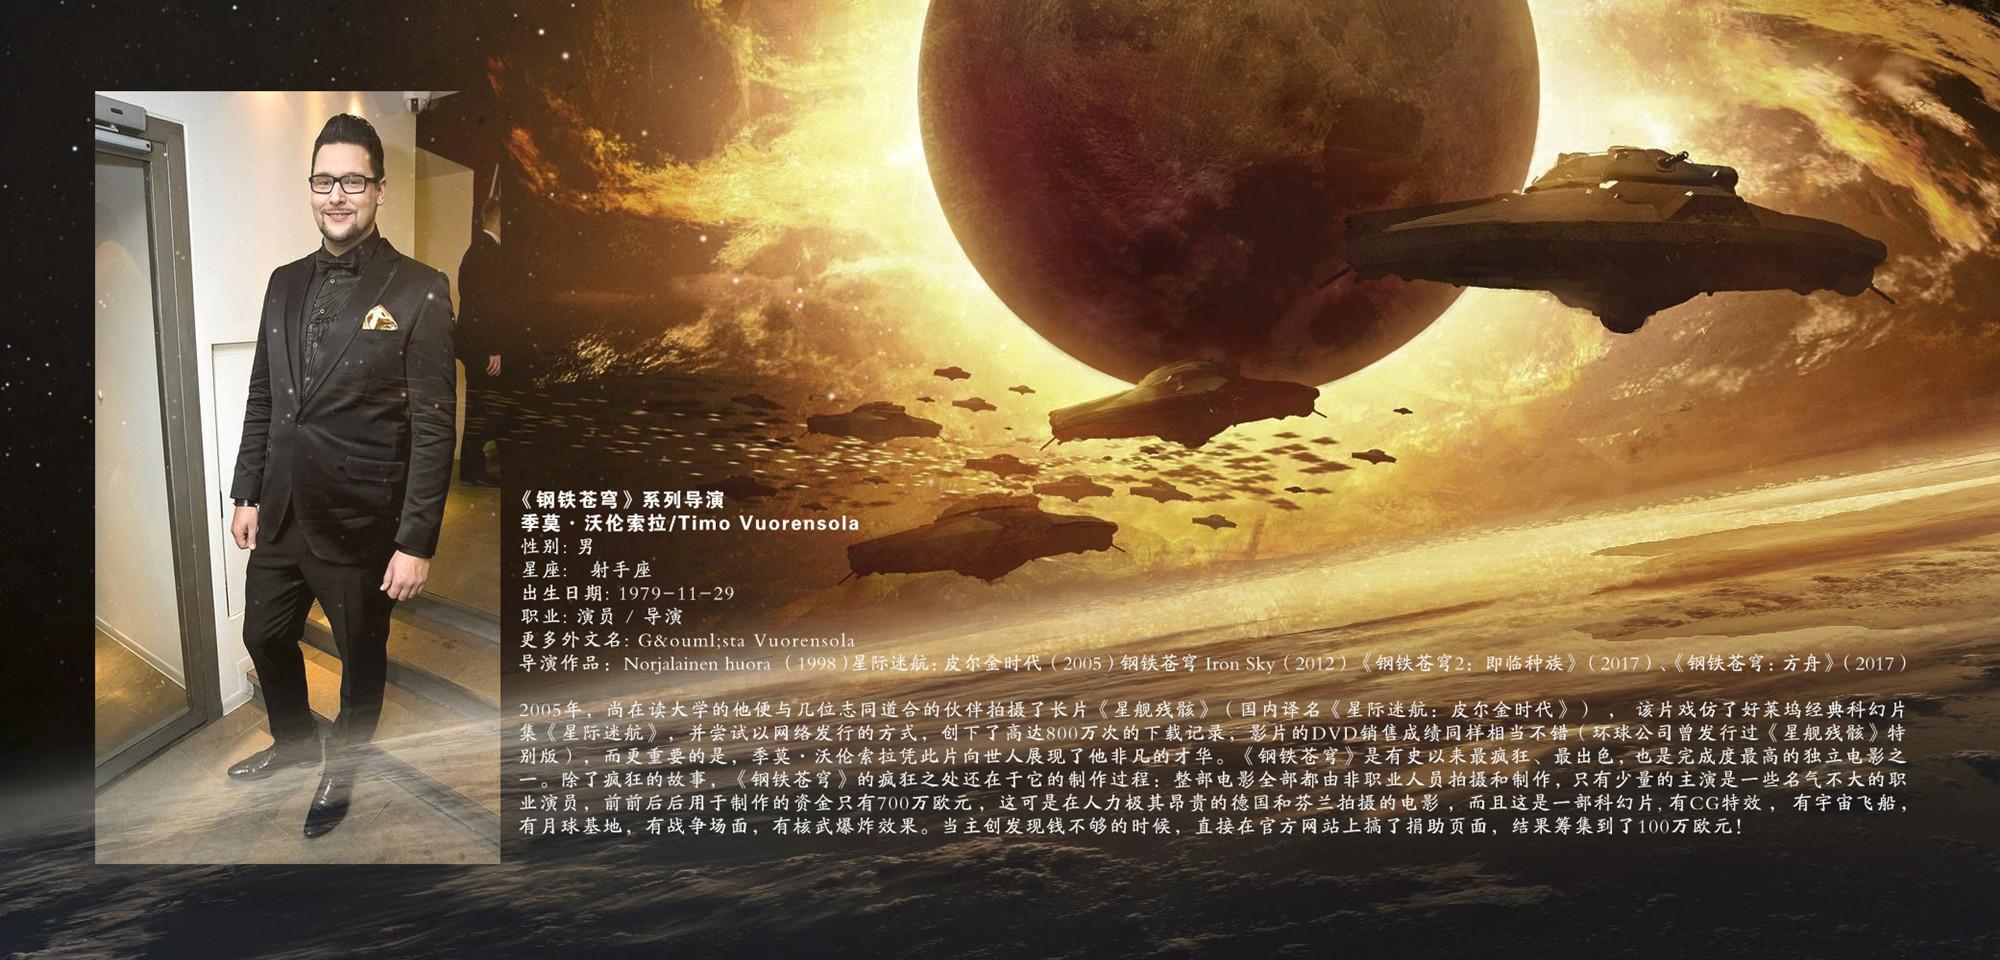 沃伦索拉携新作归来 瞄准中国元素放眼世界市场